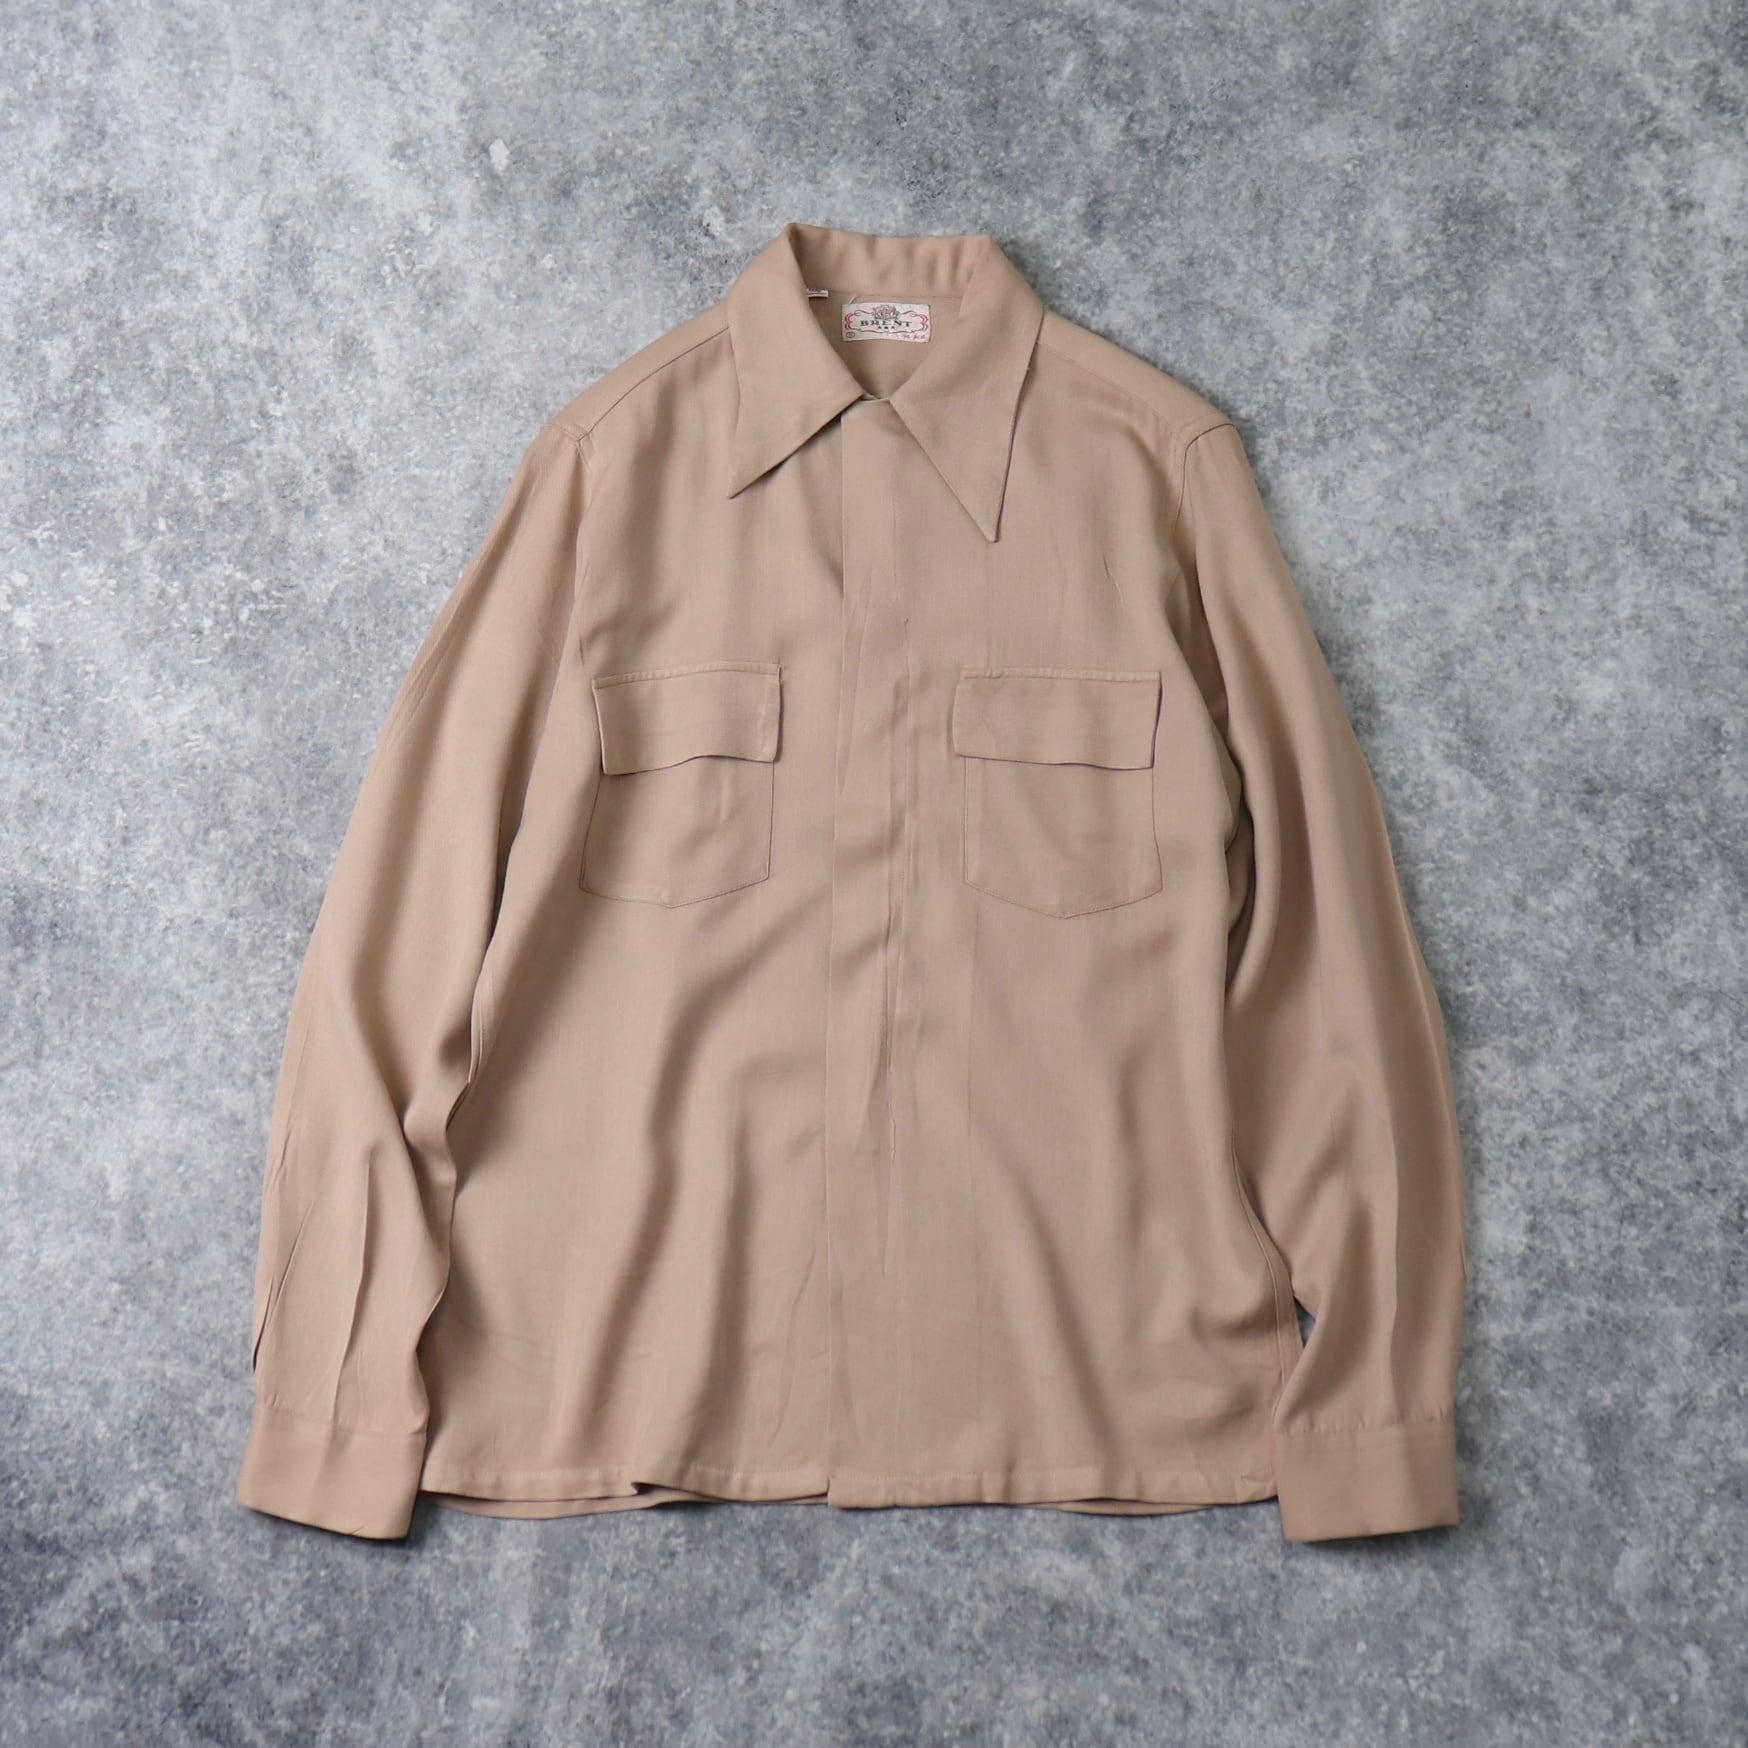 40年代 ''BRENT'' 珍品 ギャバシャツ ロカビリー 古着 ビンテージ A369